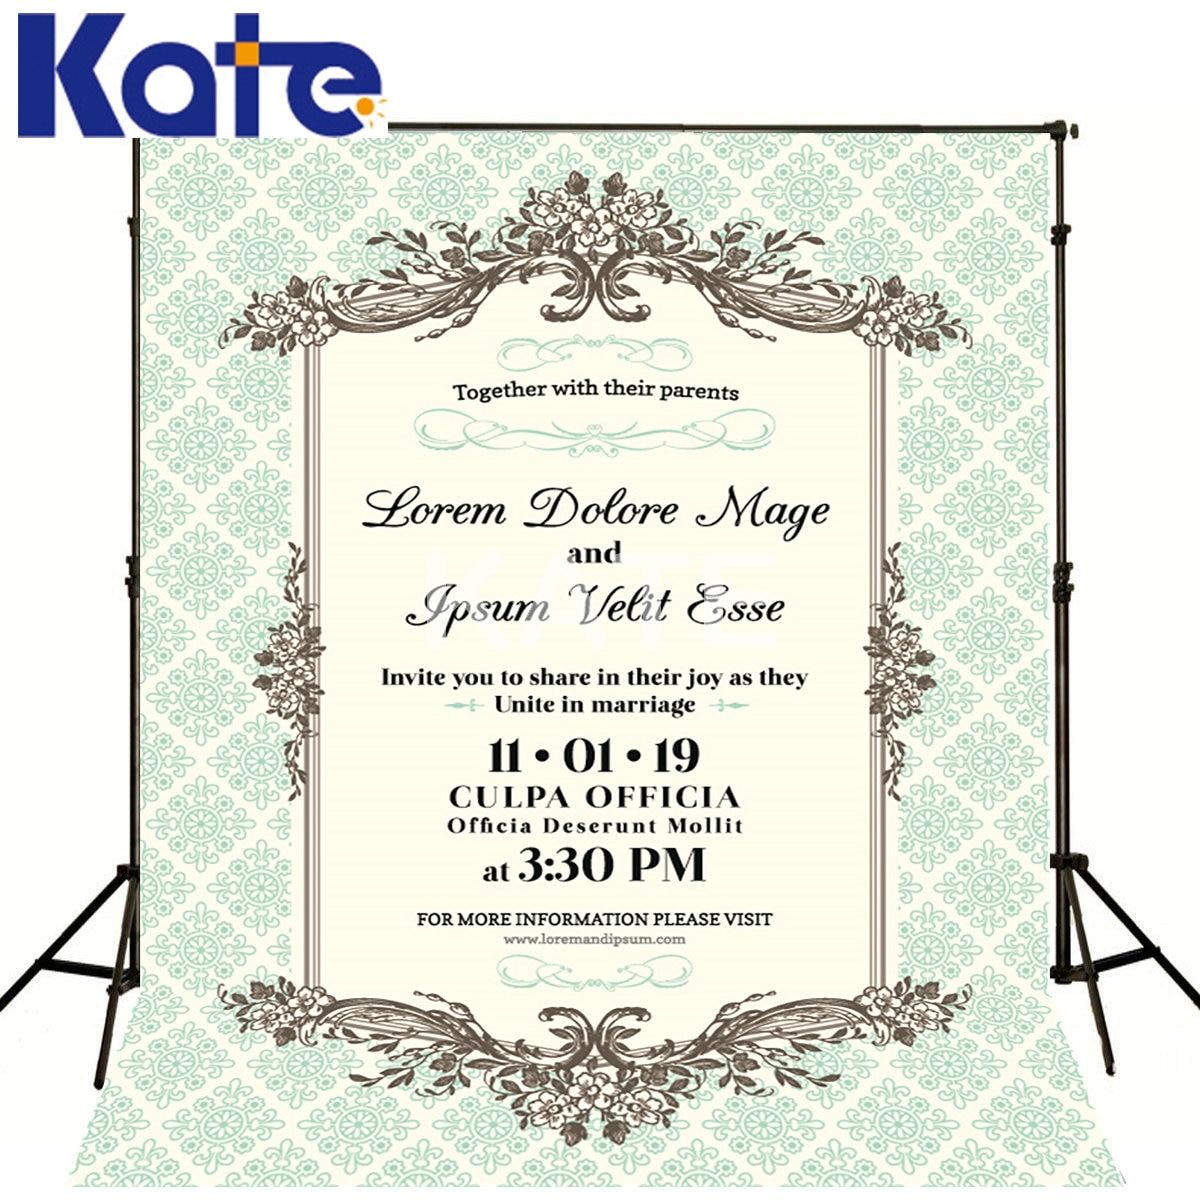 Kate photographie fond personnalisé blanc Invitation de mariage Kate Photo-arrière-plan de fond